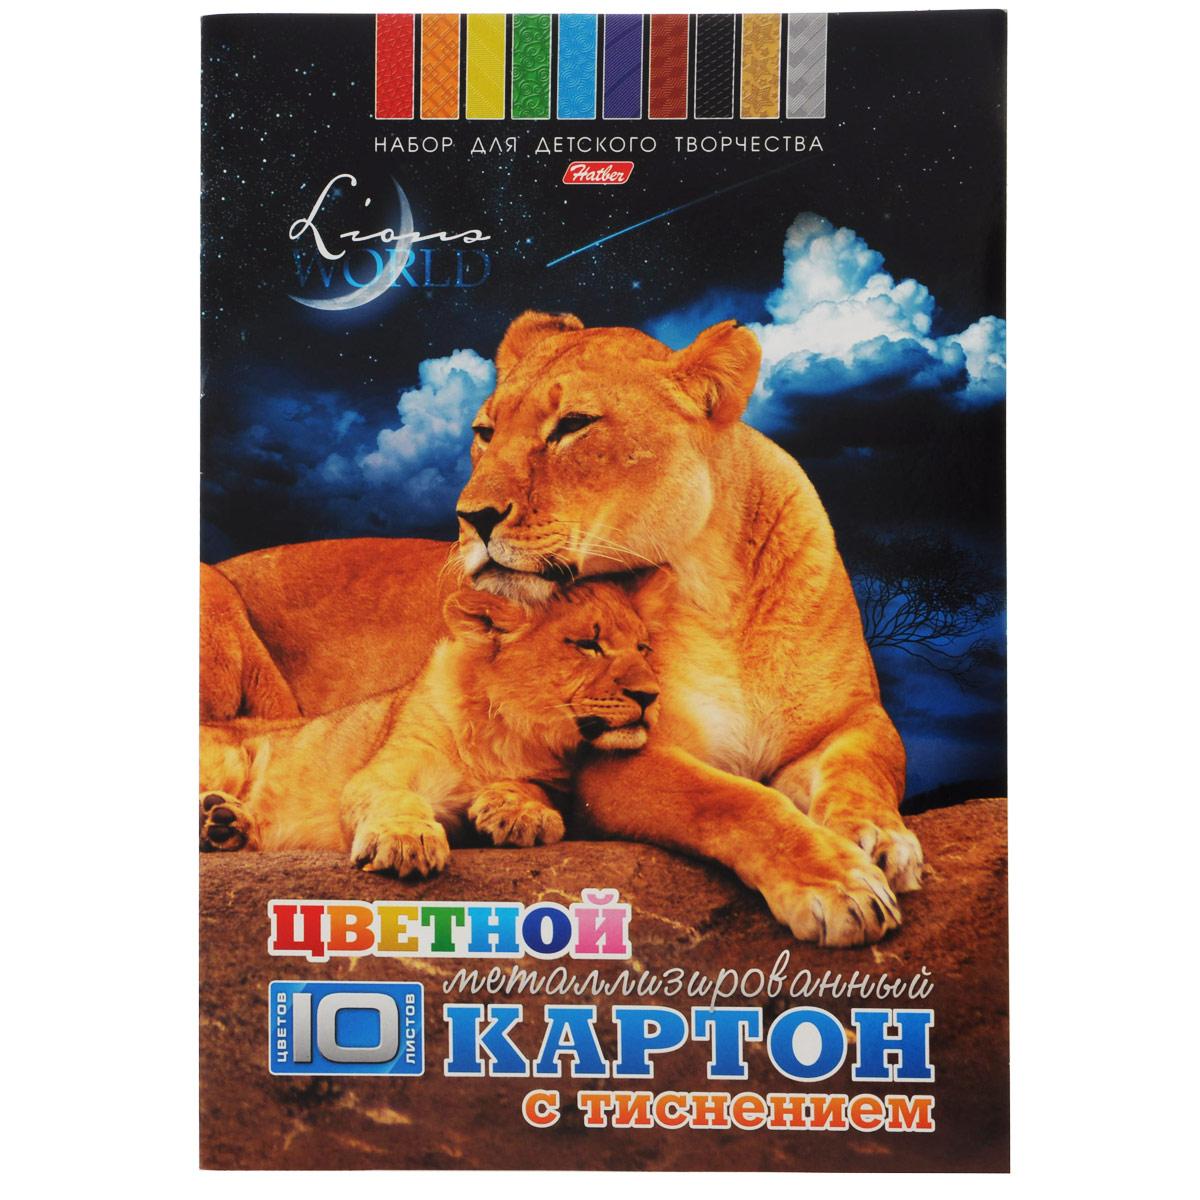 Цветной картон Hatber Мамина любовь, металлизированный, с тиснением, 10 листов10Кц4мтт_12110Цветной металлизированный картон Hatber Мамина любовь позволит вашему ребенку создавать всевозможные аппликации и поделки. Набор состоит из десяти листов картона зеленого, красного, сине-фиолетового, черного, золотистого, серебристого, коричневого, желтого, светло-зеленого и синего цветов с объемным тиснением различными узорами. Картон упакован в яркую оригинальную картонную папку. Создание поделок из цветного картона поможет ребенку в развитии творческих способностей, кроме того, это увлекательный досуг.Рекомендуемый возраст от 6 лет.